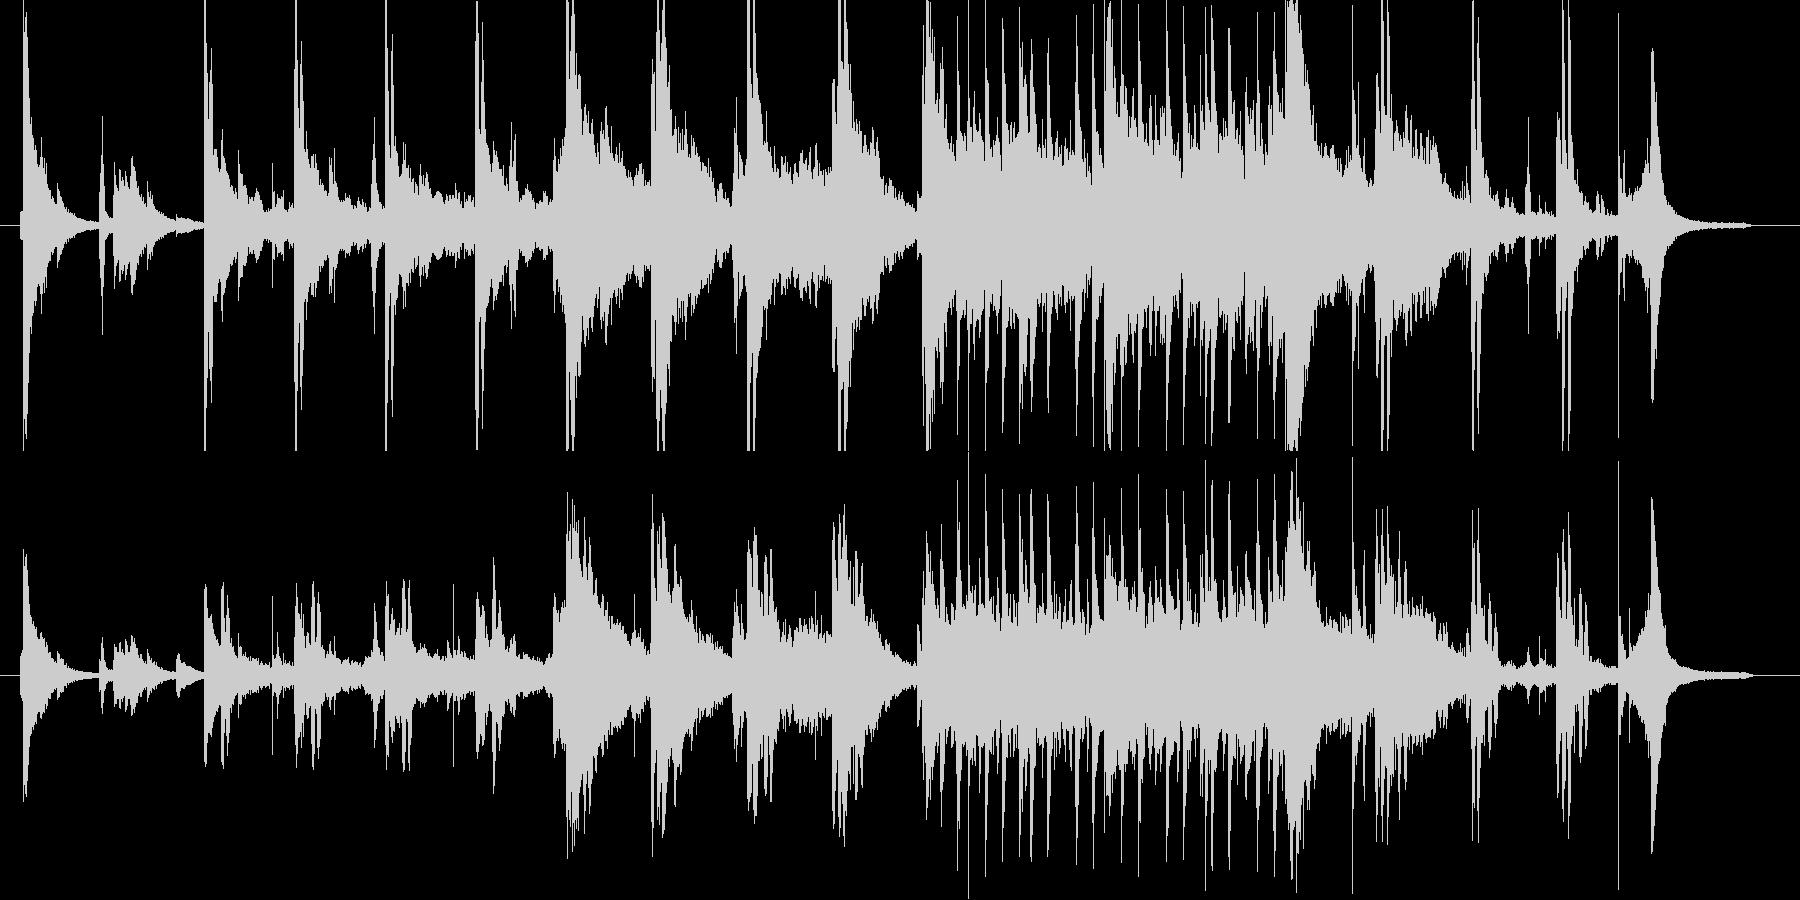 不思議な雰囲気の幻想曲の未再生の波形